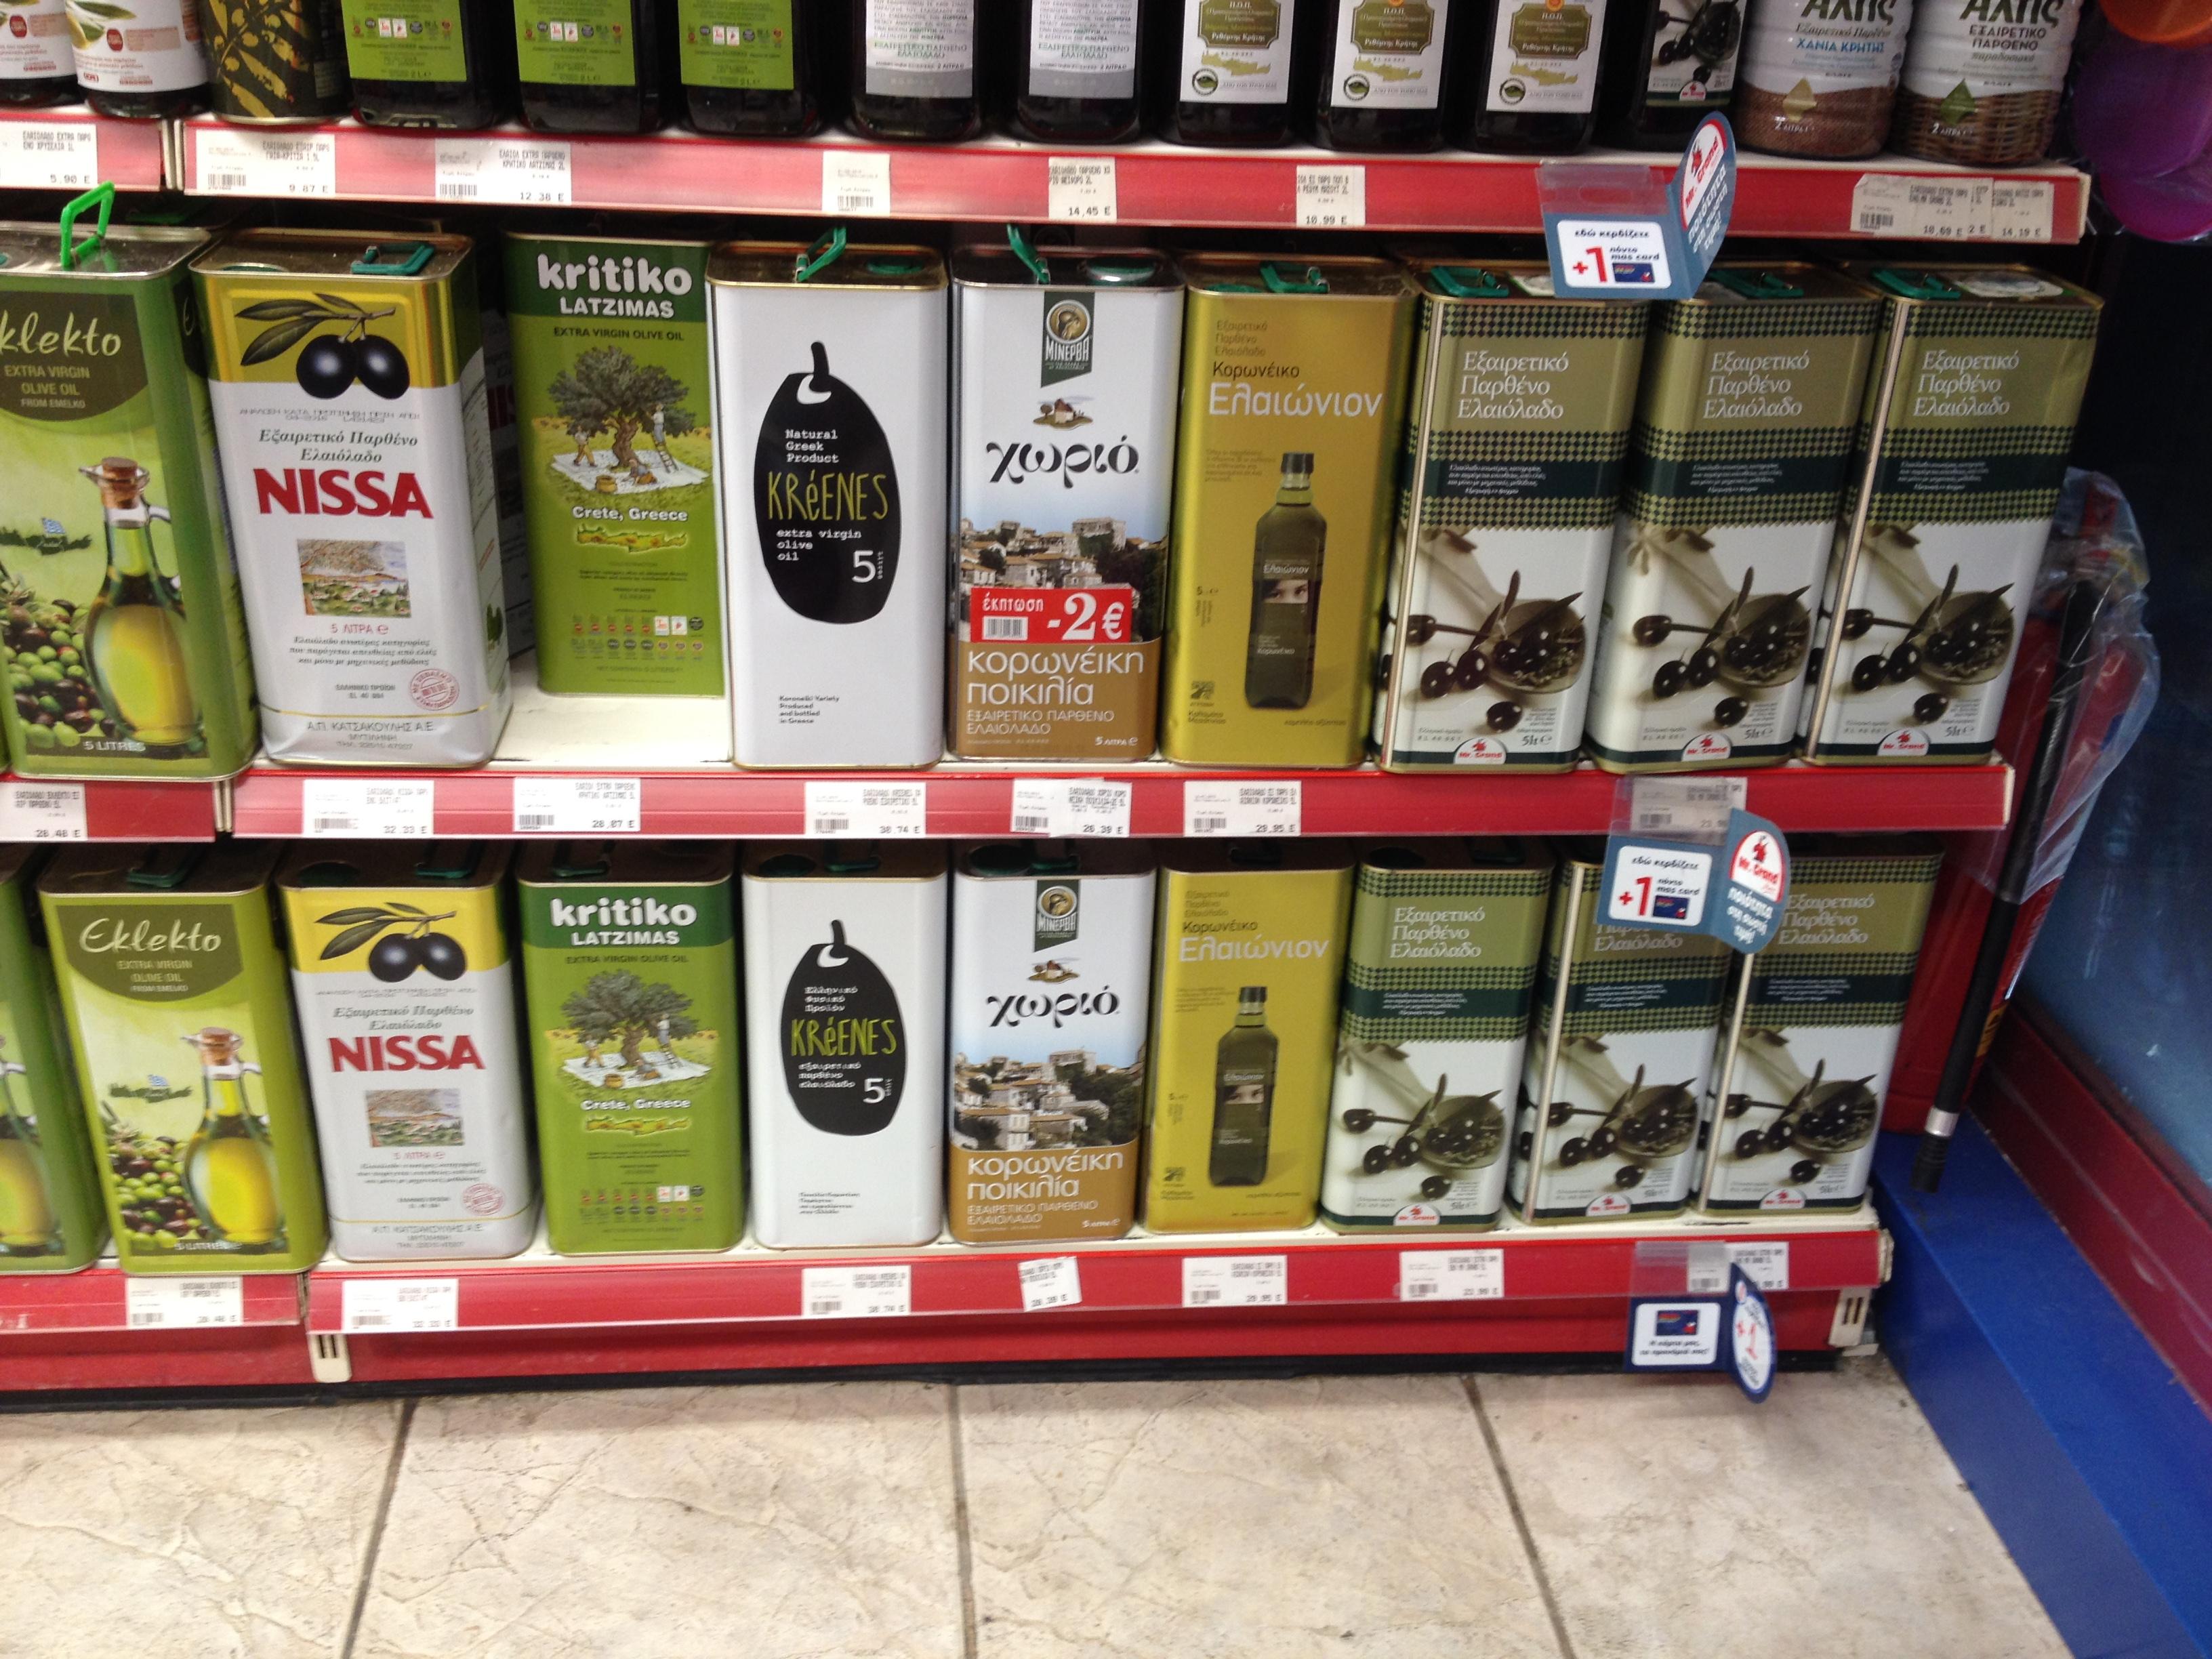 5 literes fém tégelyekben extra szűz olívaolajok: krétai, koroneiki és egyéb olajbogyó fajtákból. (Fotó: Sztogi)